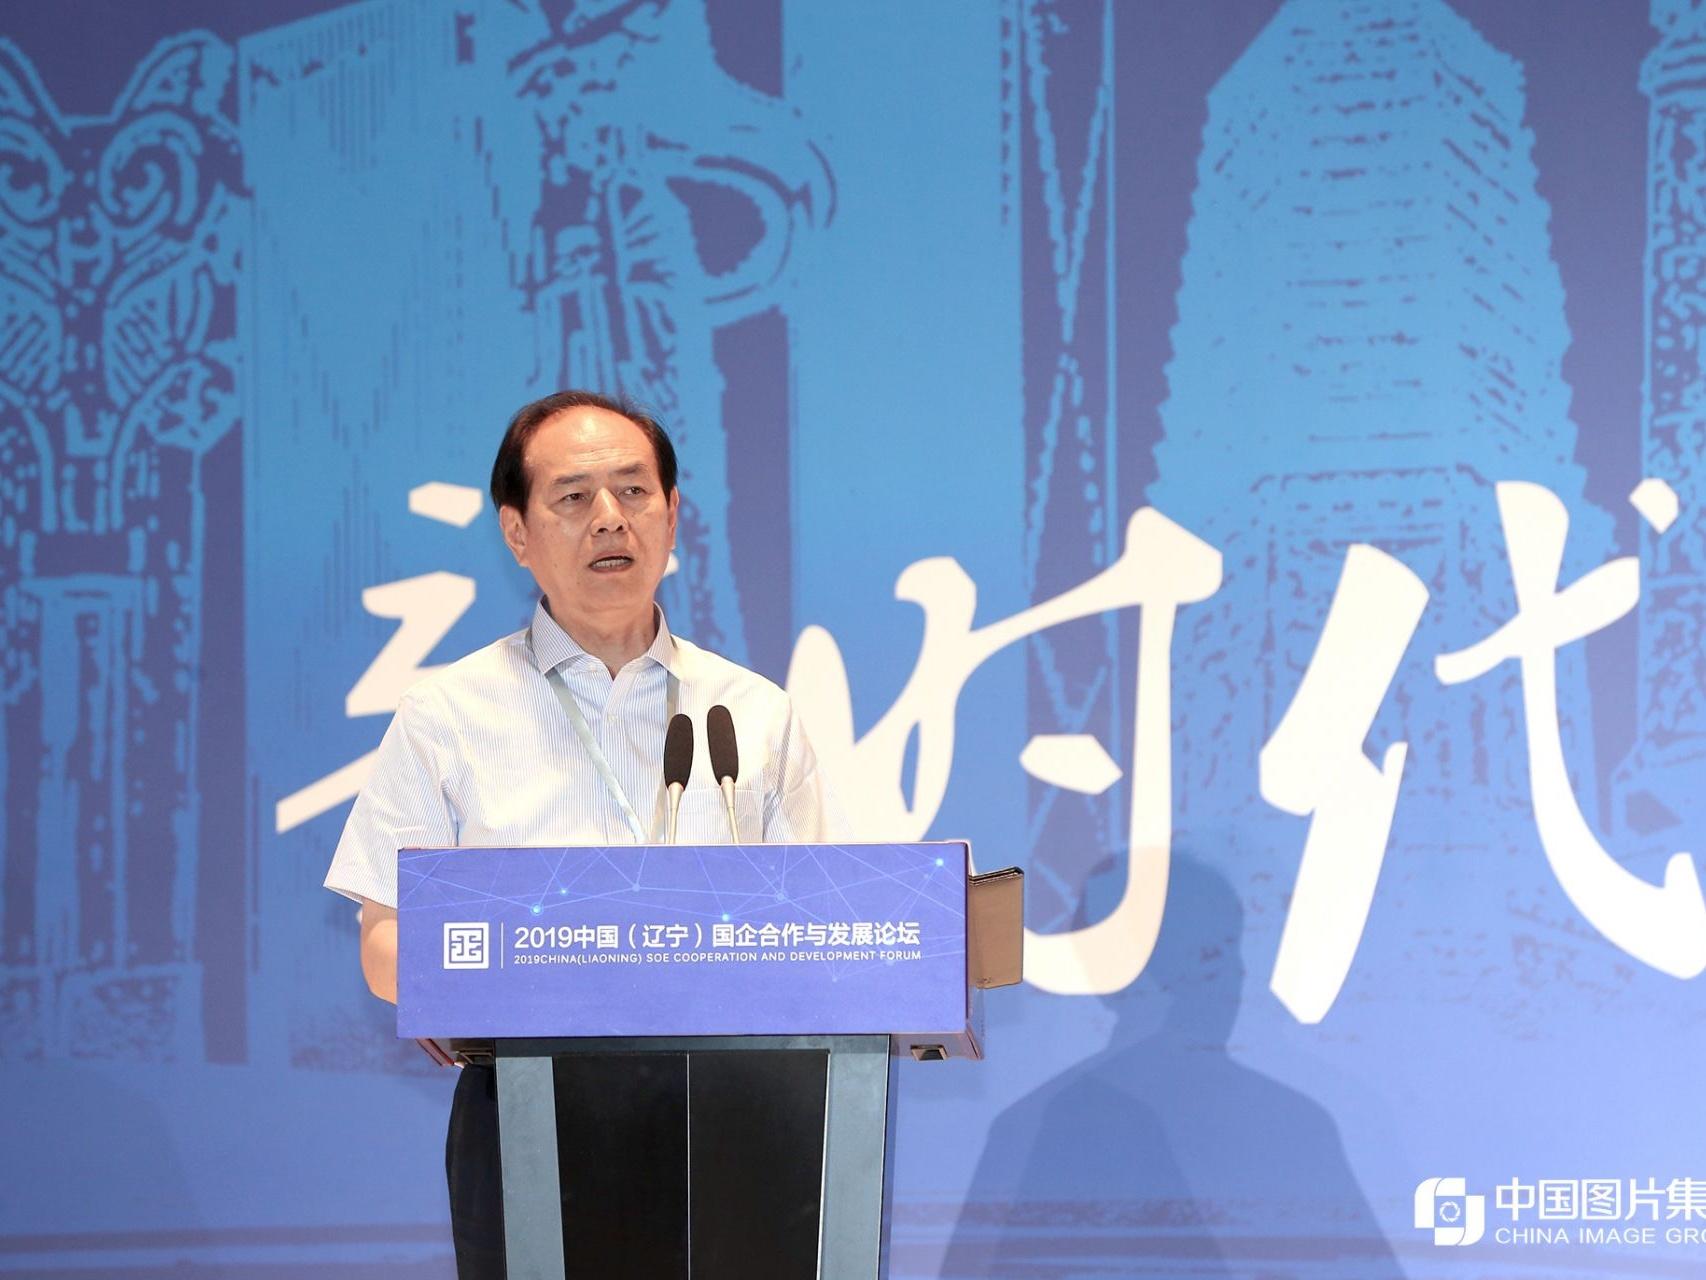 季晓南:深化国企改革为东北经济发展提供新的强劲动能